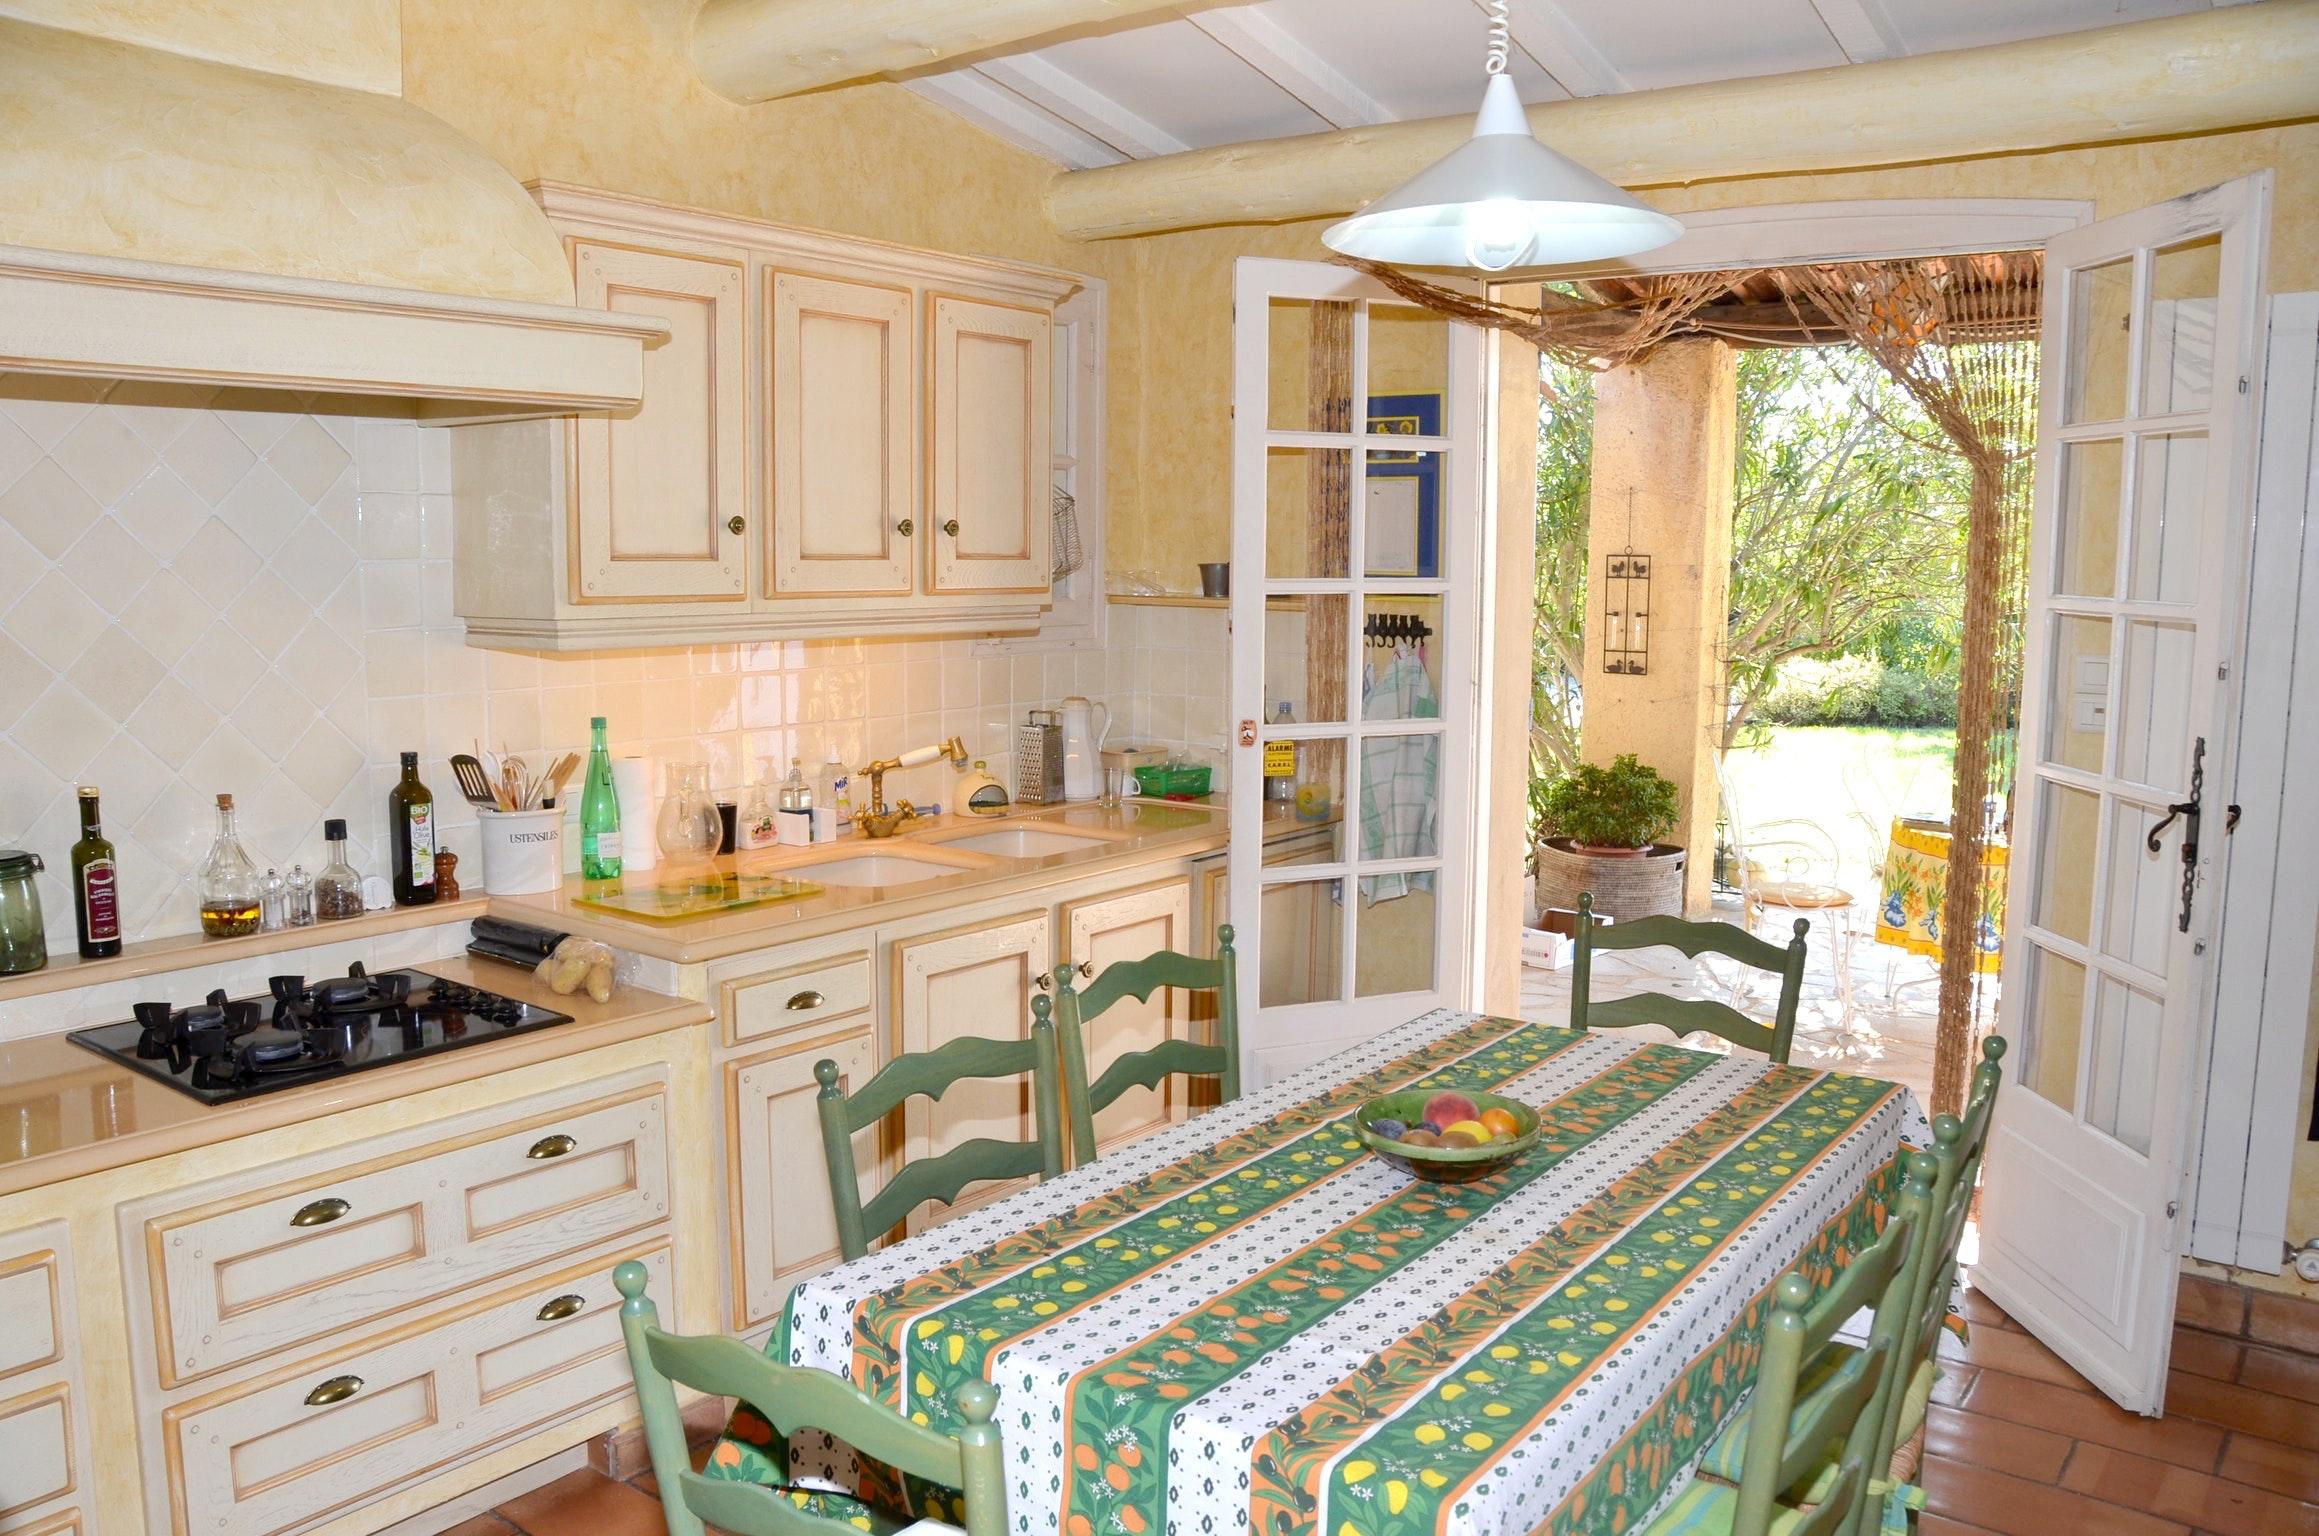 Ferienhaus Villa mit 4 Schlafzimmern in Pernes-les-Fontaines mit toller Aussicht auf die Berge, priva (2519446), Pernes les Fontaines, Saône-et-Loire, Burgund, Frankreich, Bild 46